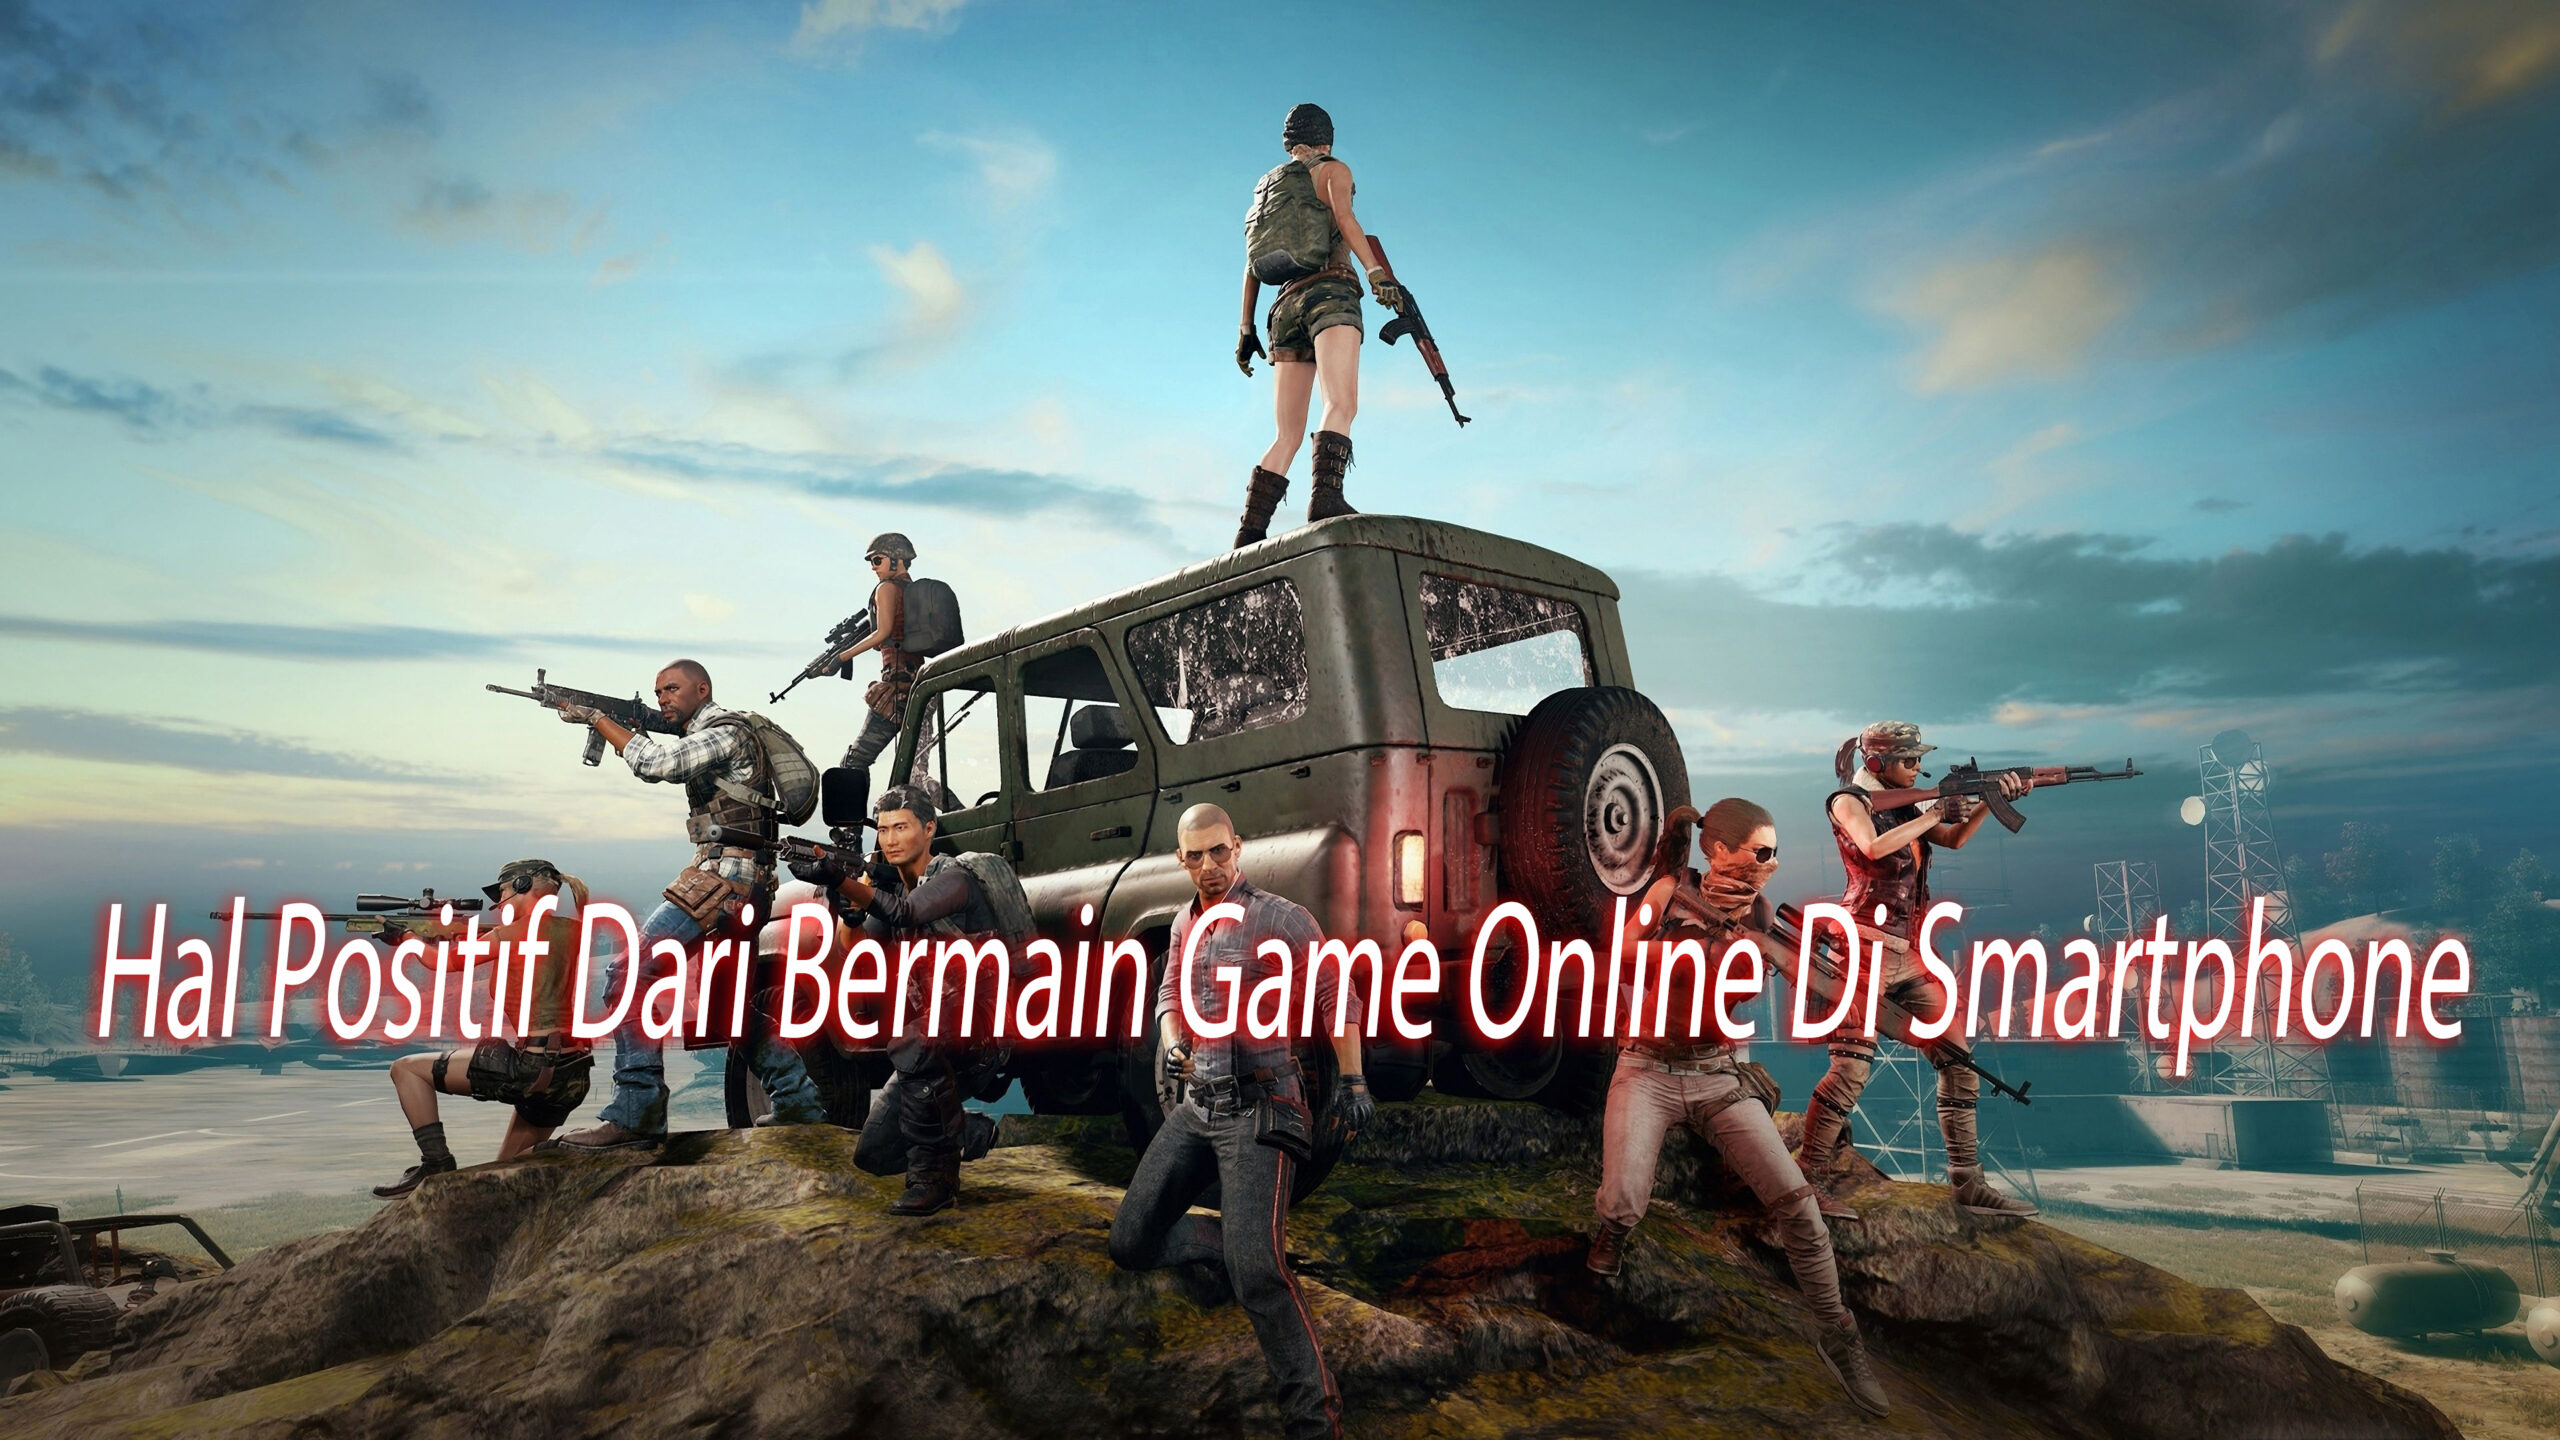 Hal Positif Dari Bermain Game Online Di Smartphone